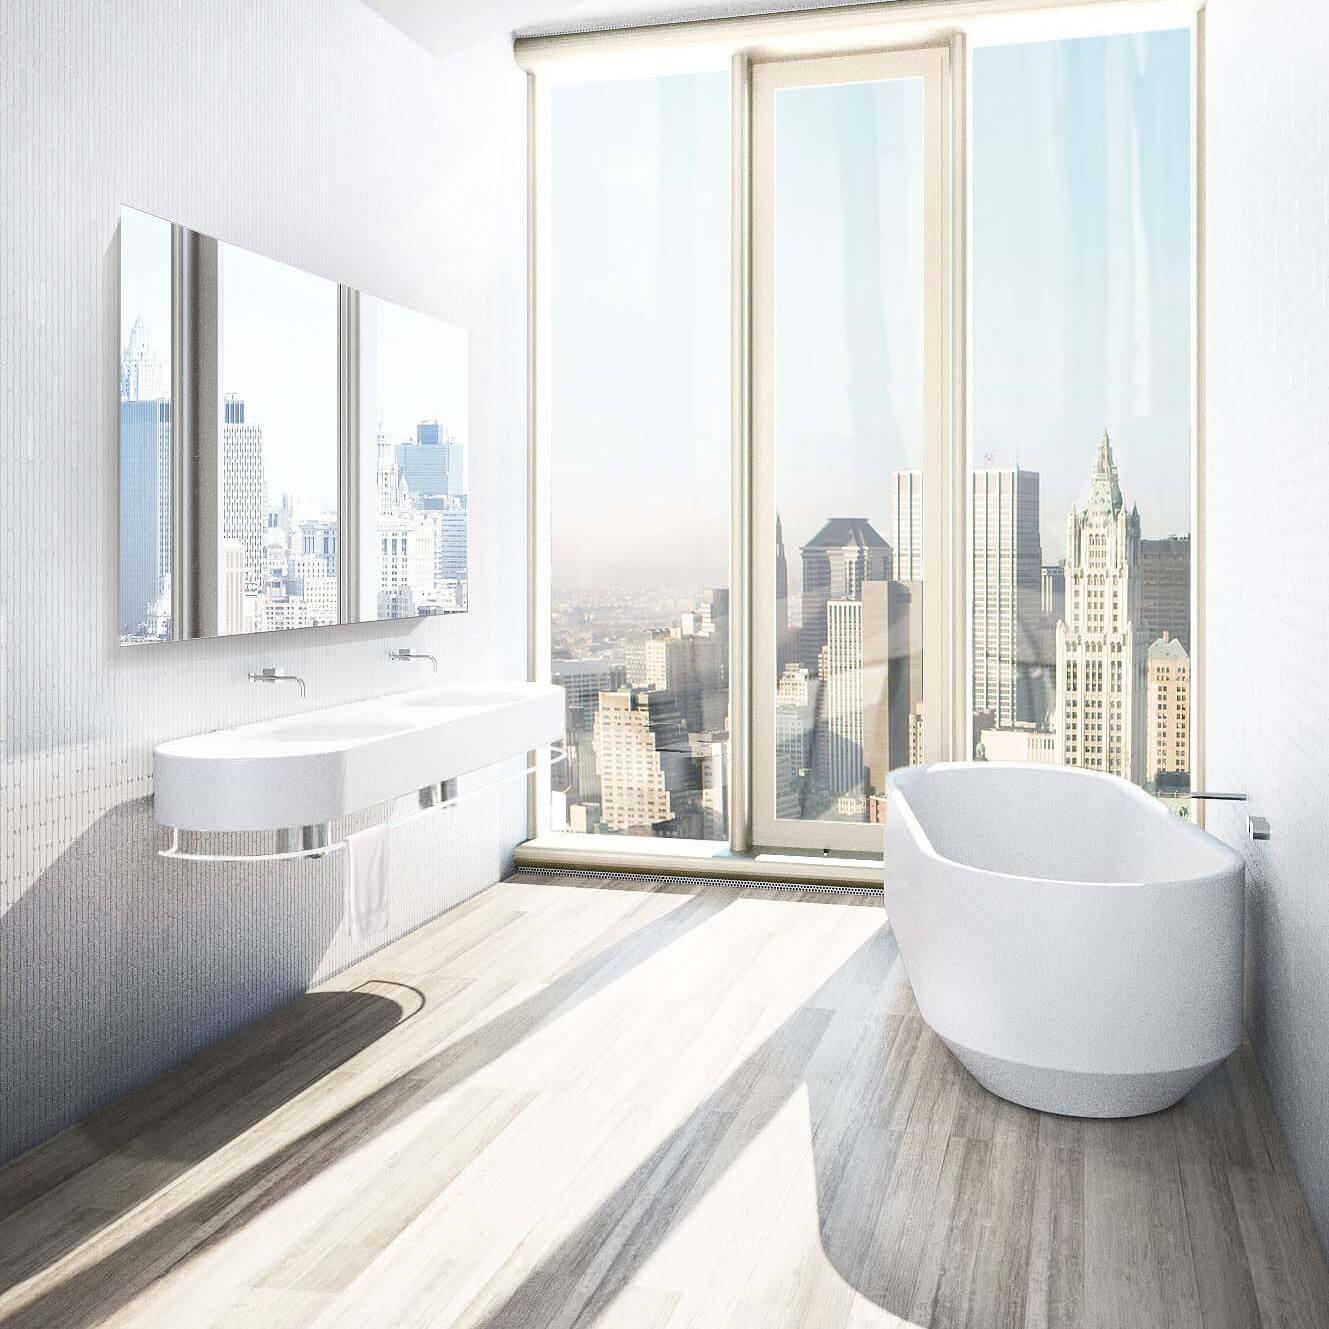 Presentamos en nuestro Showroom de Barcelona BESPOKE by Laufen Bathrooms